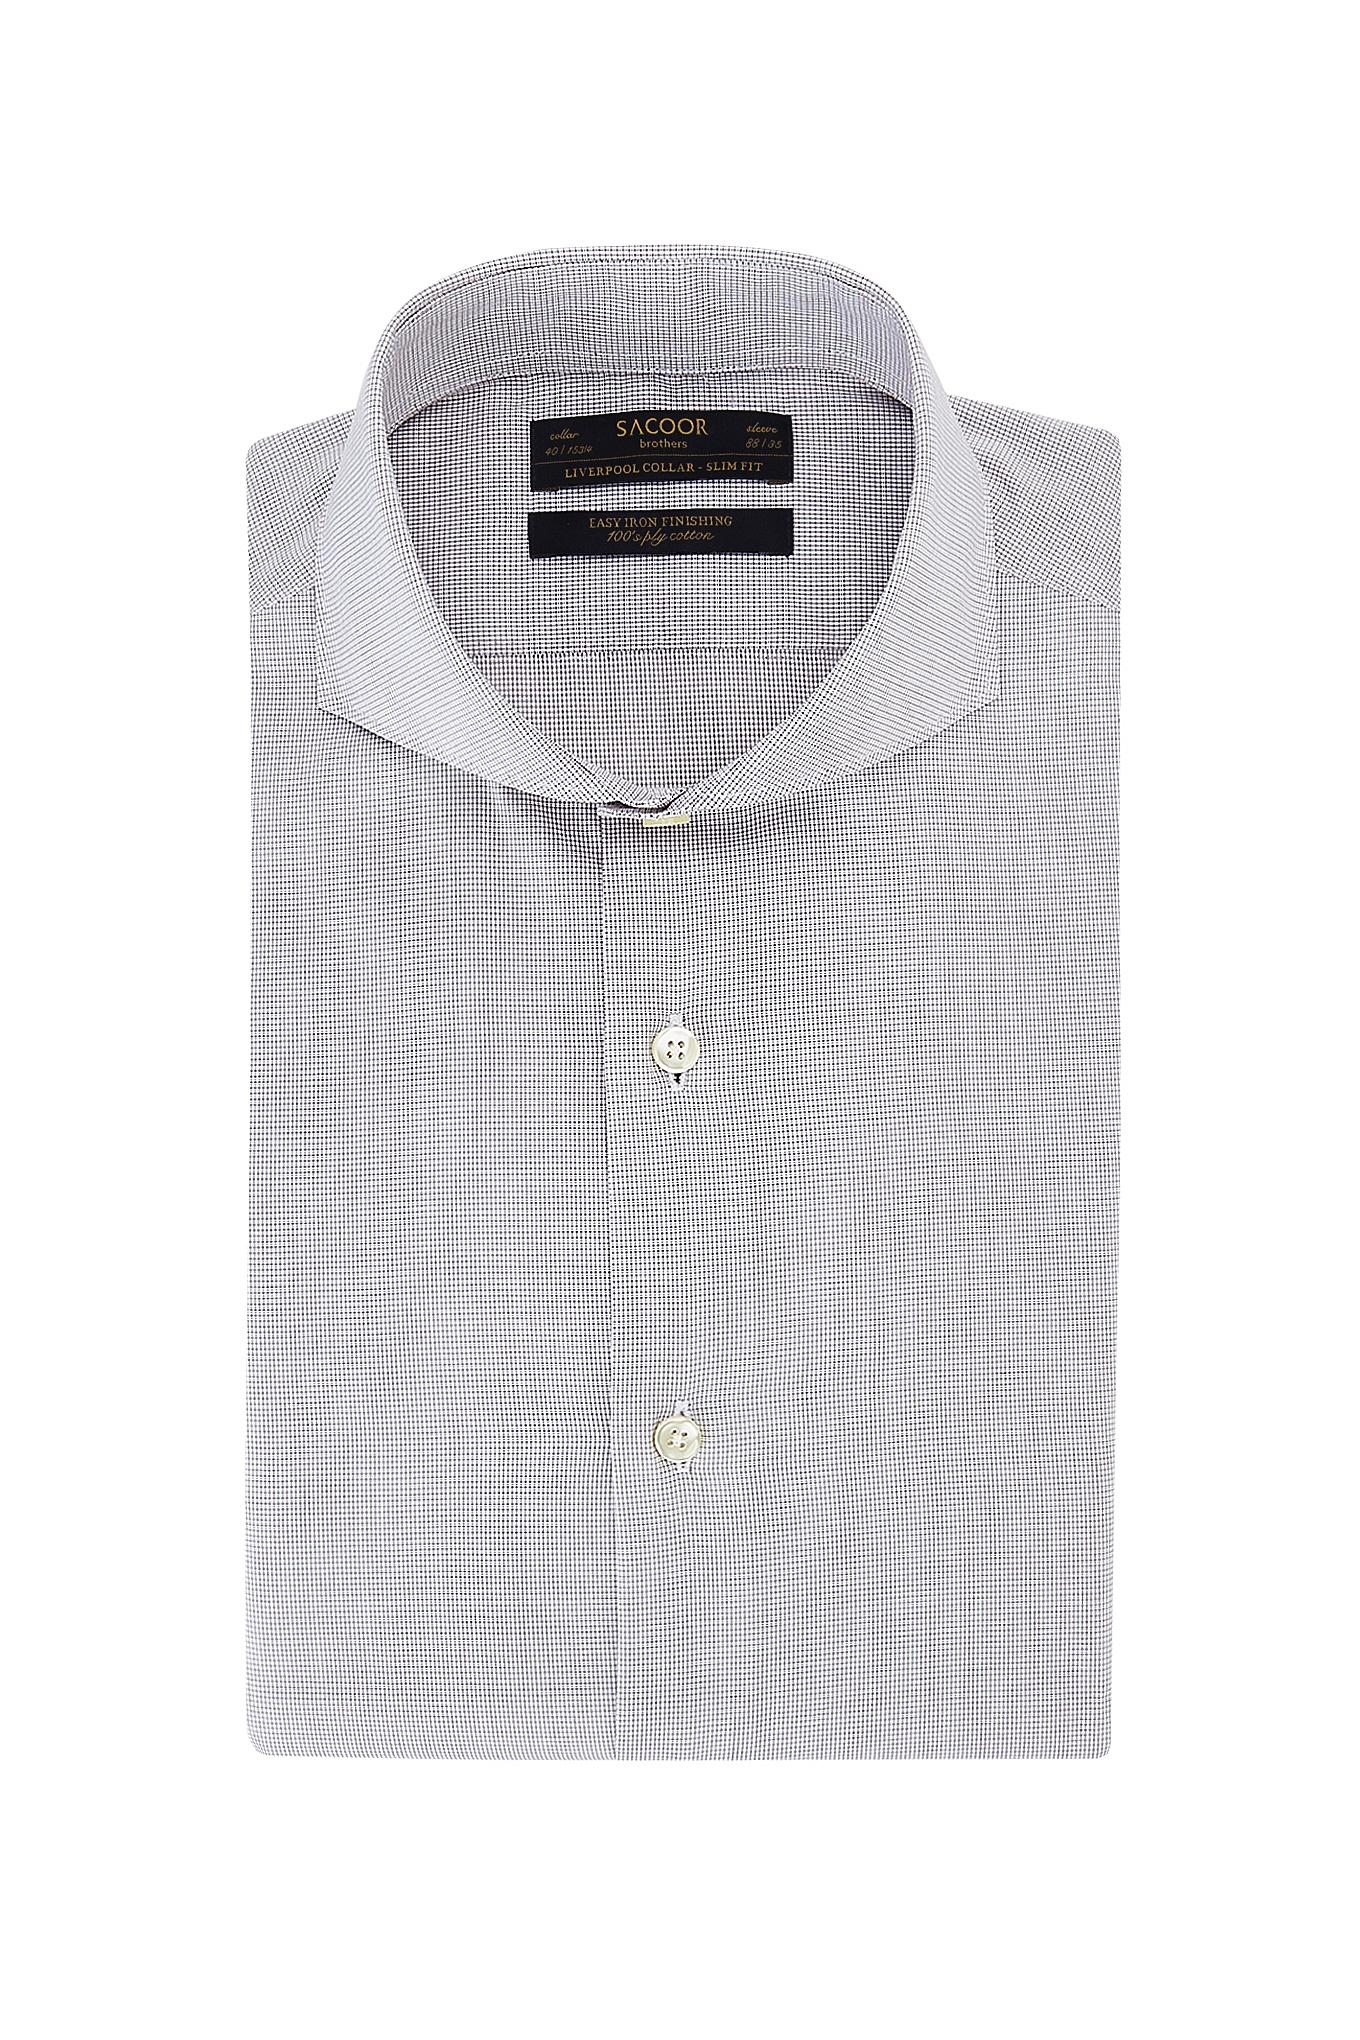 Camisa Castanho Classic Homem